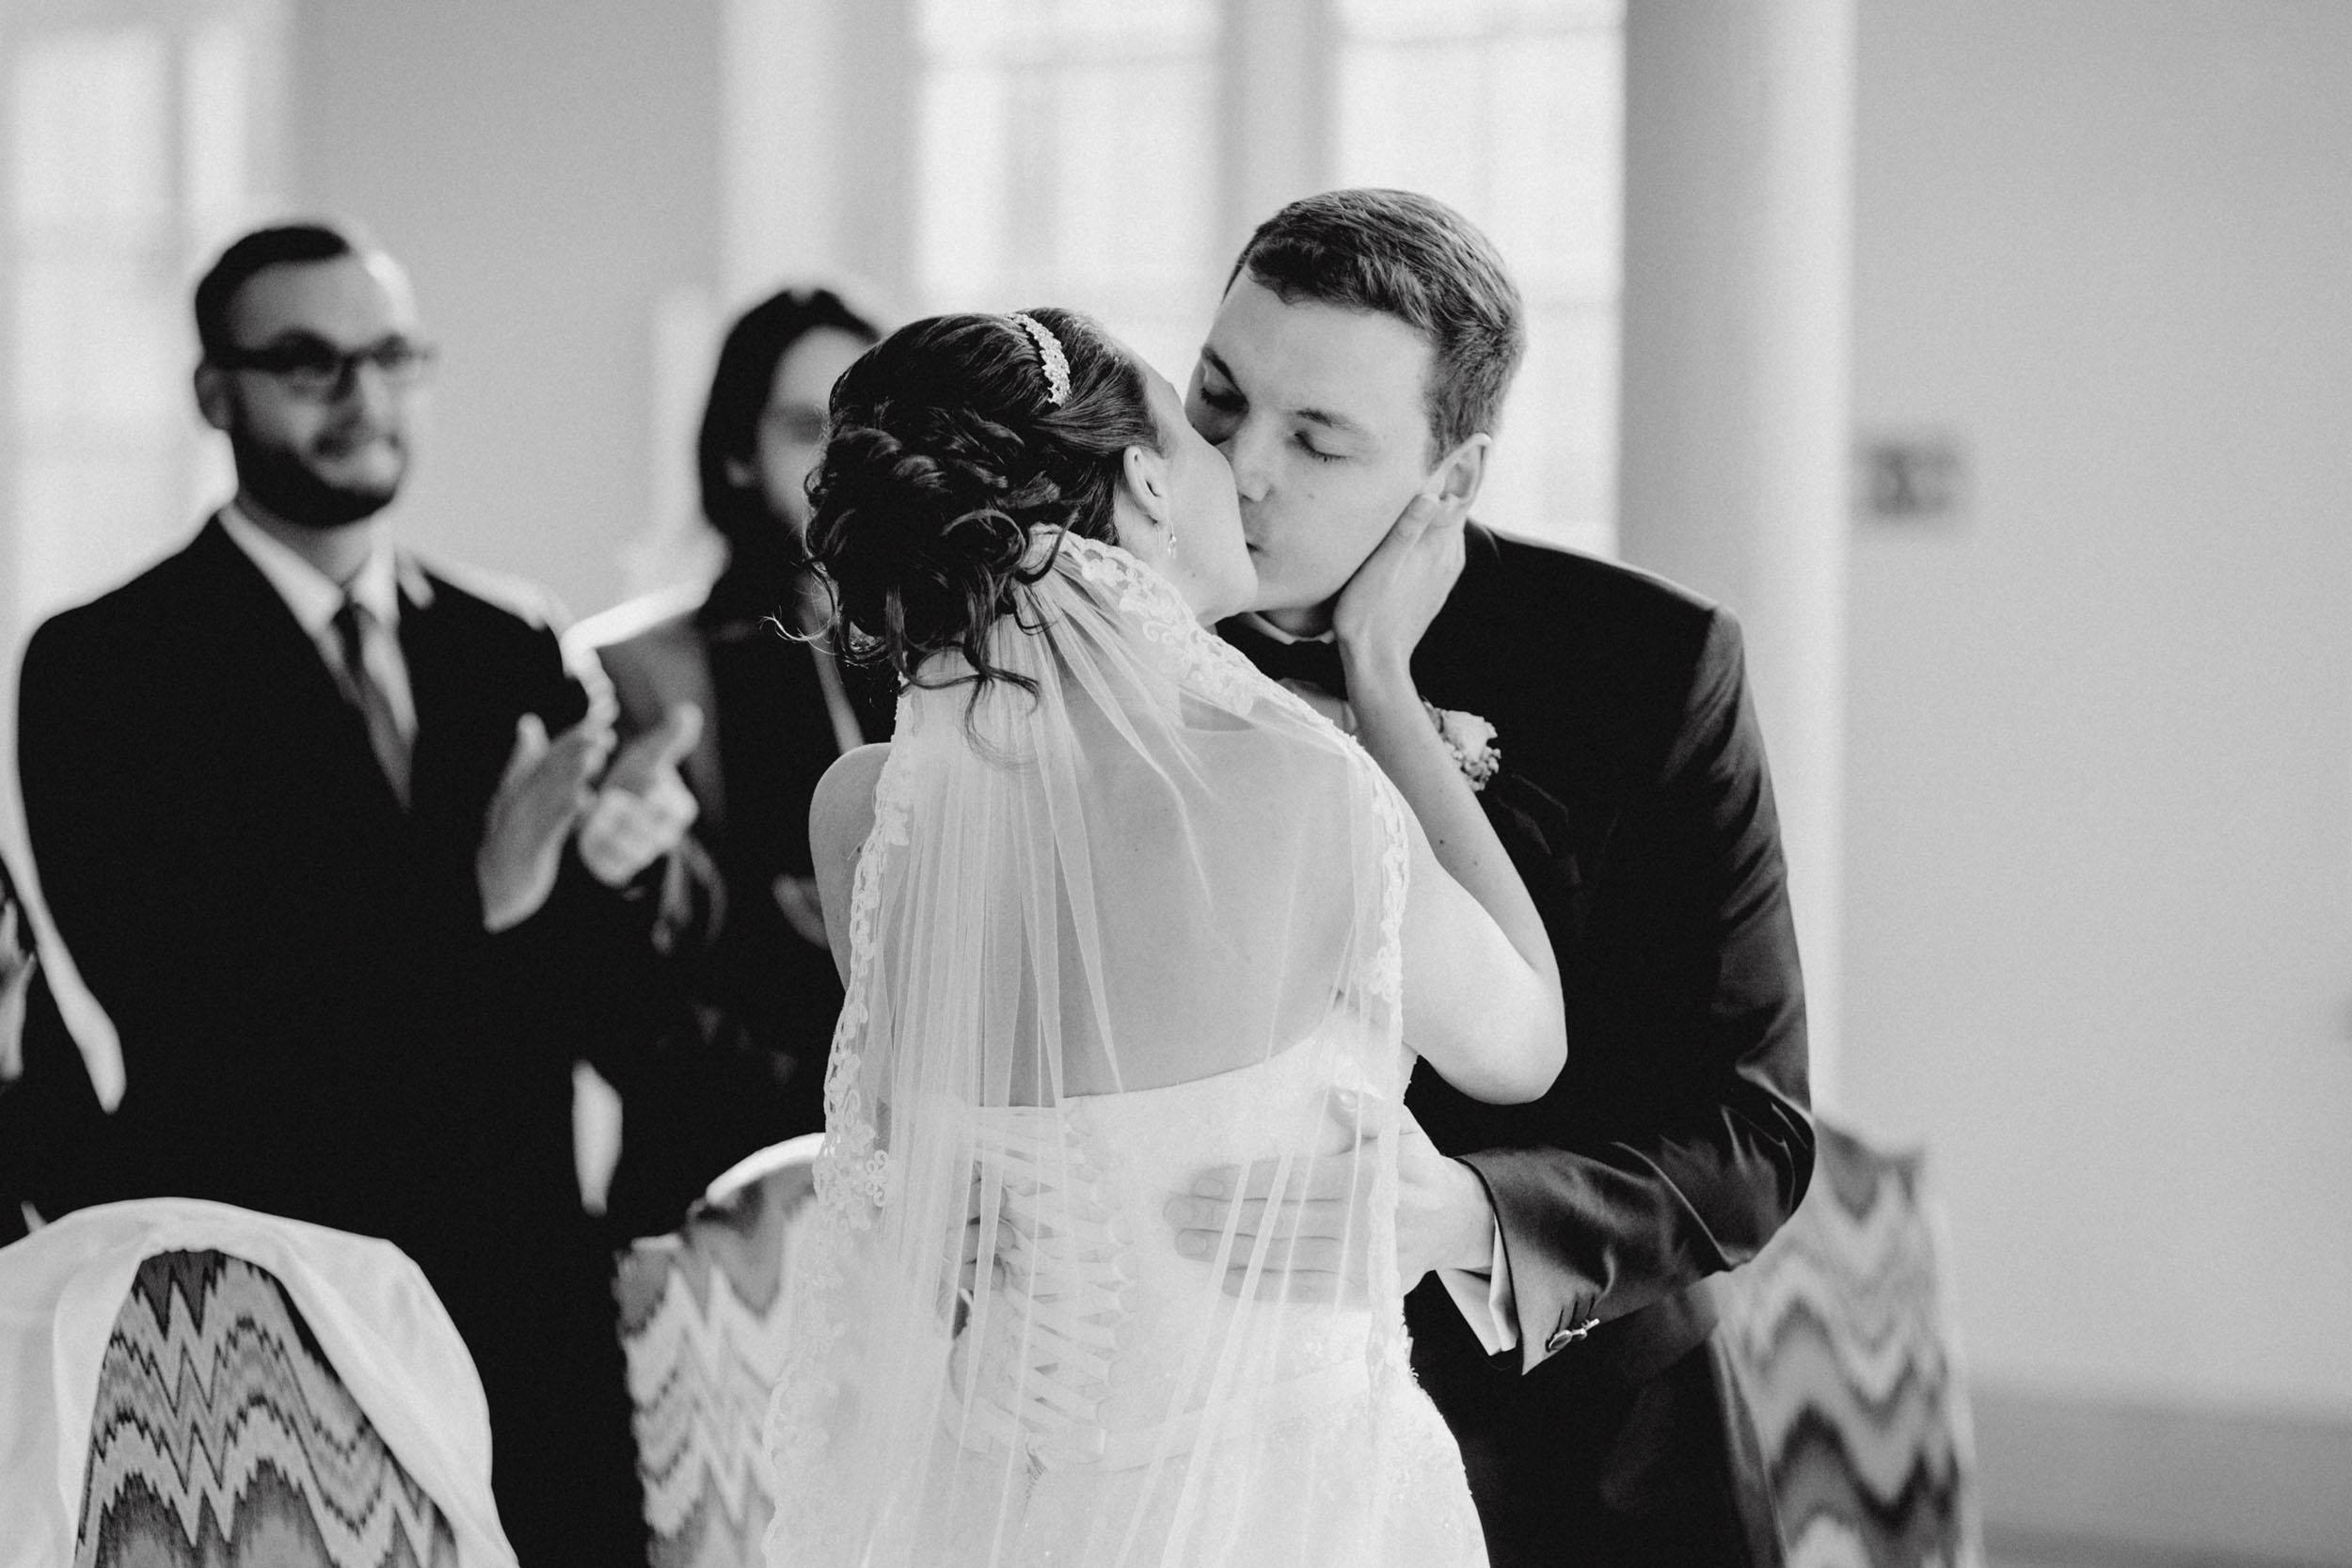 Hochzeit-233sw.jpg